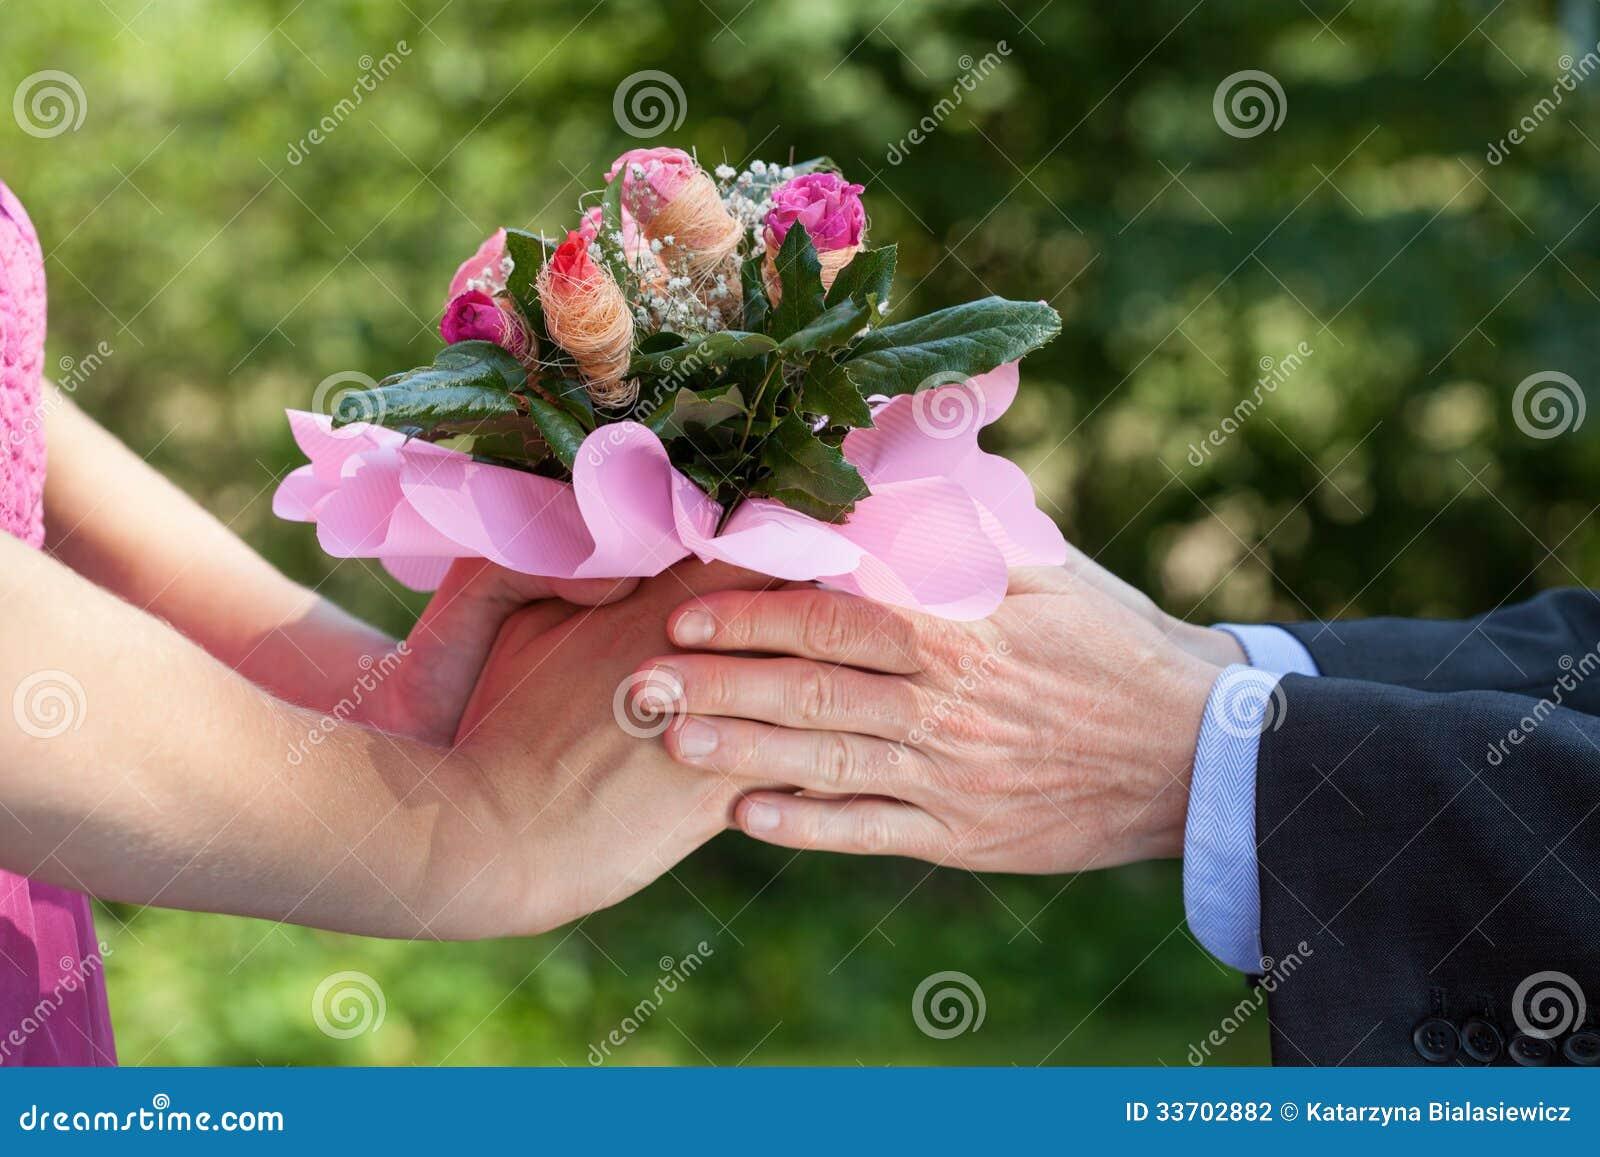 Donante del hombre flores